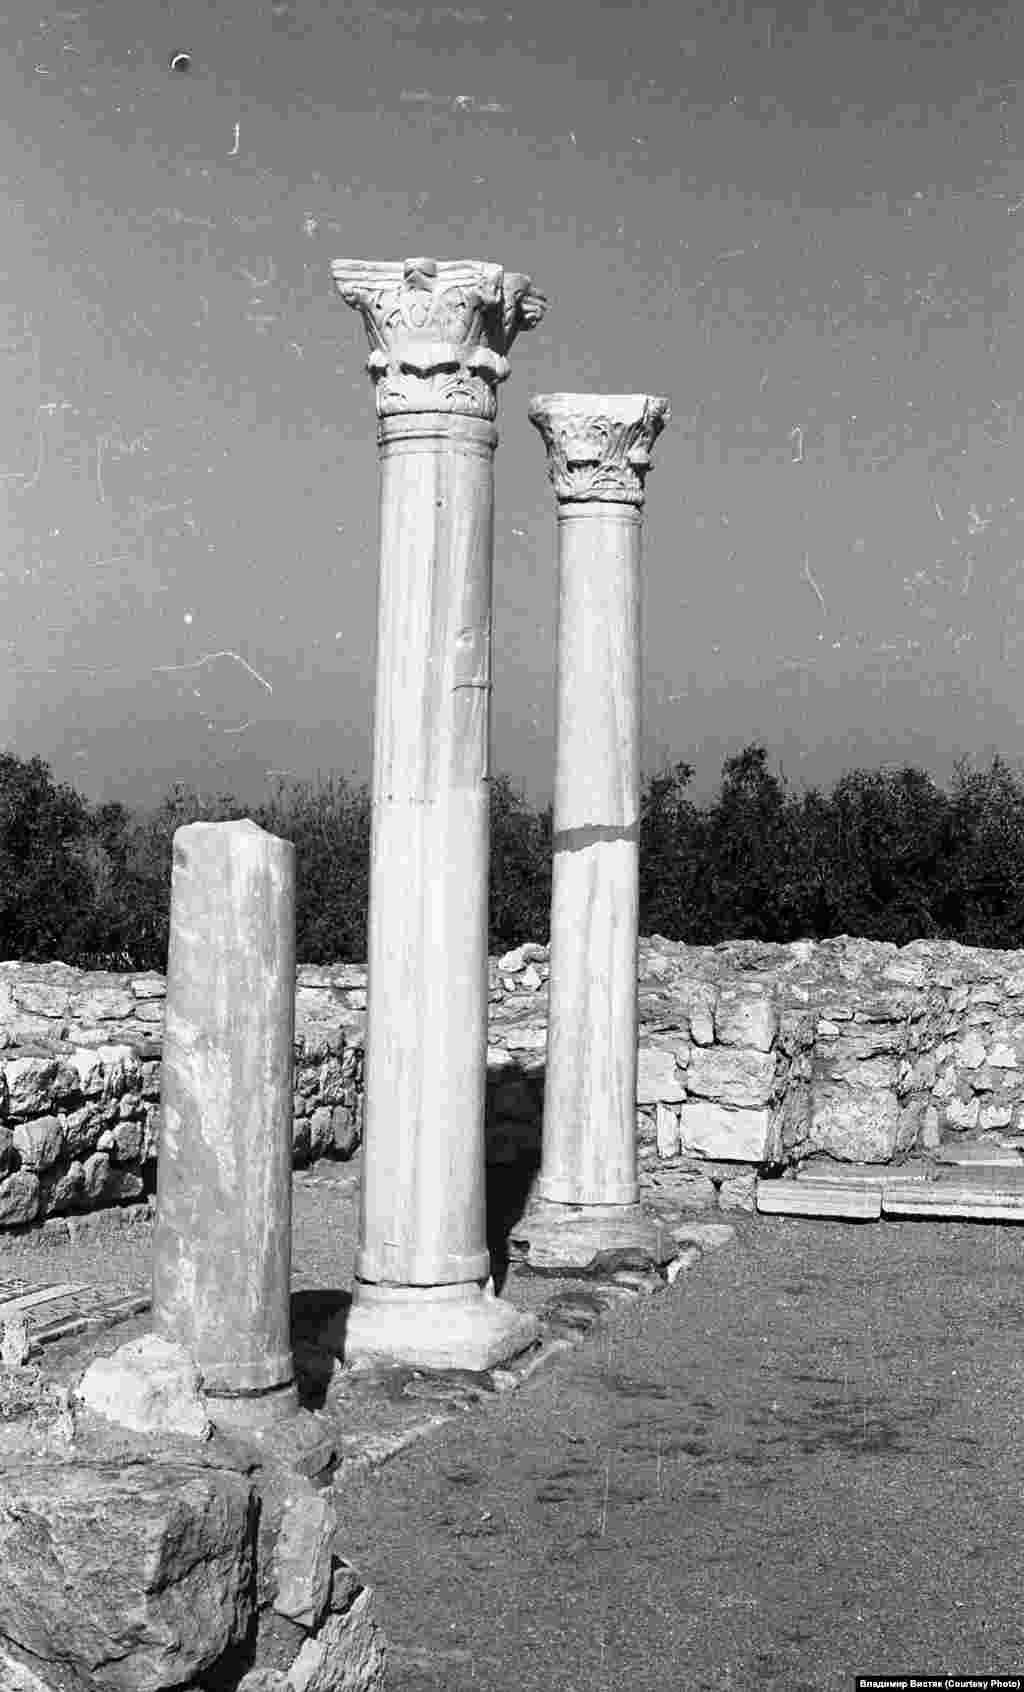 Руїни колонади середньовічної базиліки. Це одна з найвідоміших визначних пам'яток, знайдена в Херсонесі. Ймовірно, вона була побудована в VI столітті на місці більш раннього храму. За інформацією різних історичних джерел, місто збереглося практично в первозданному стані до XVIII століття